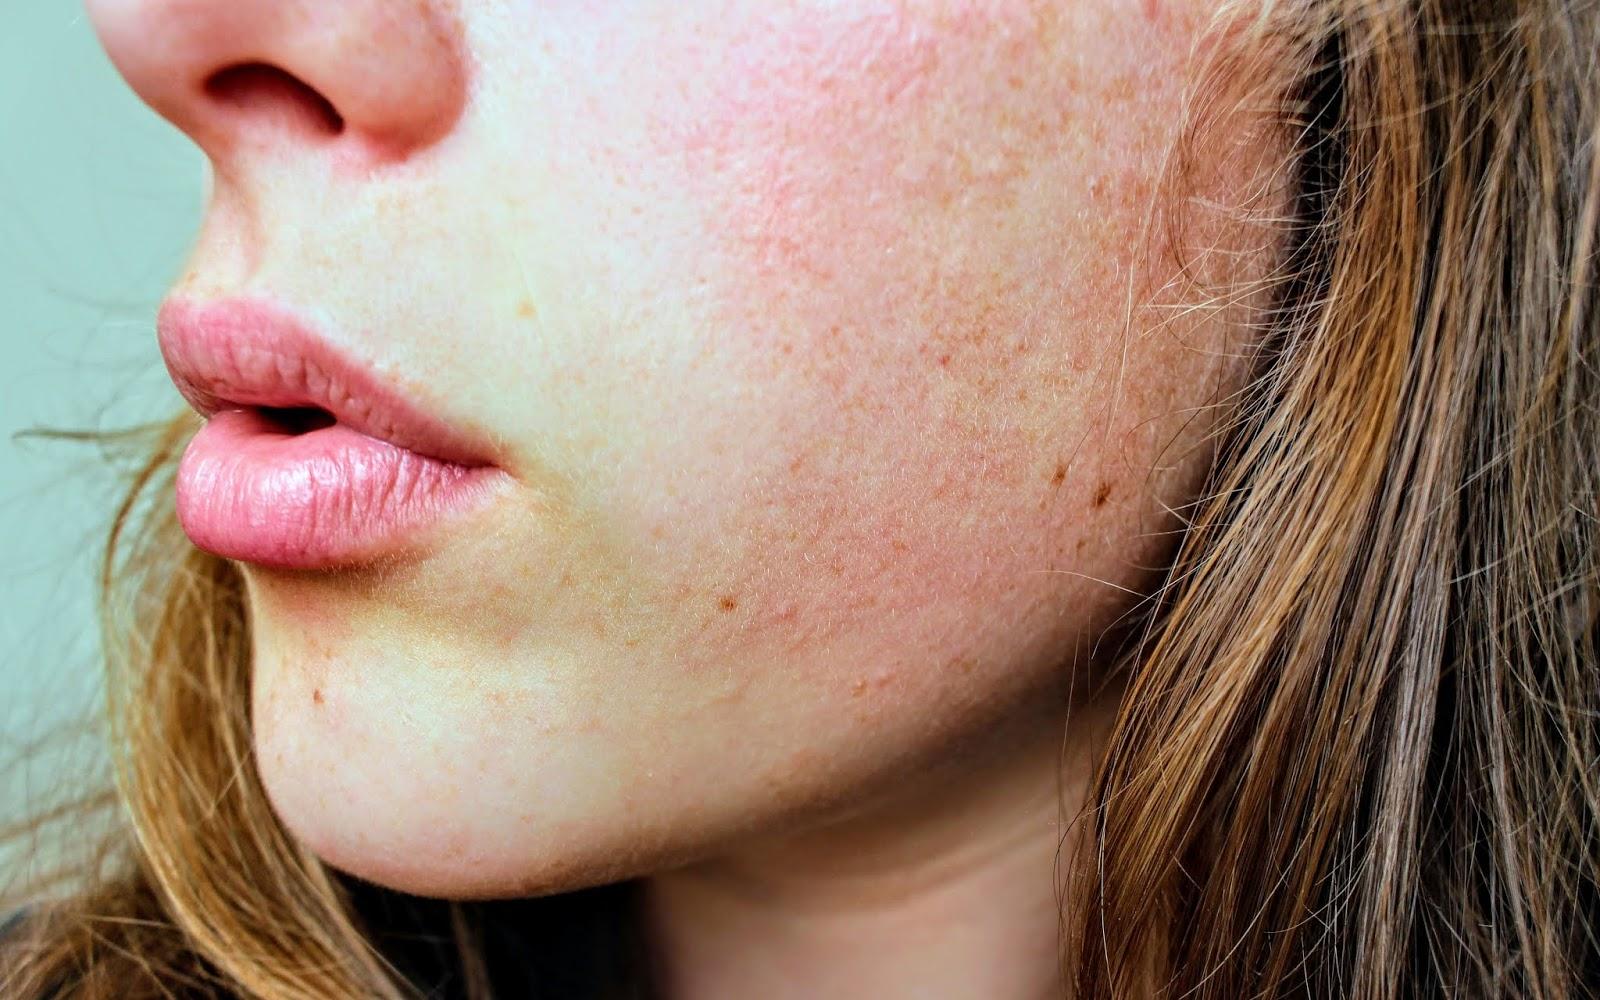 mengatasi kulit breakout di musim panas, skin, woman, skin breakout